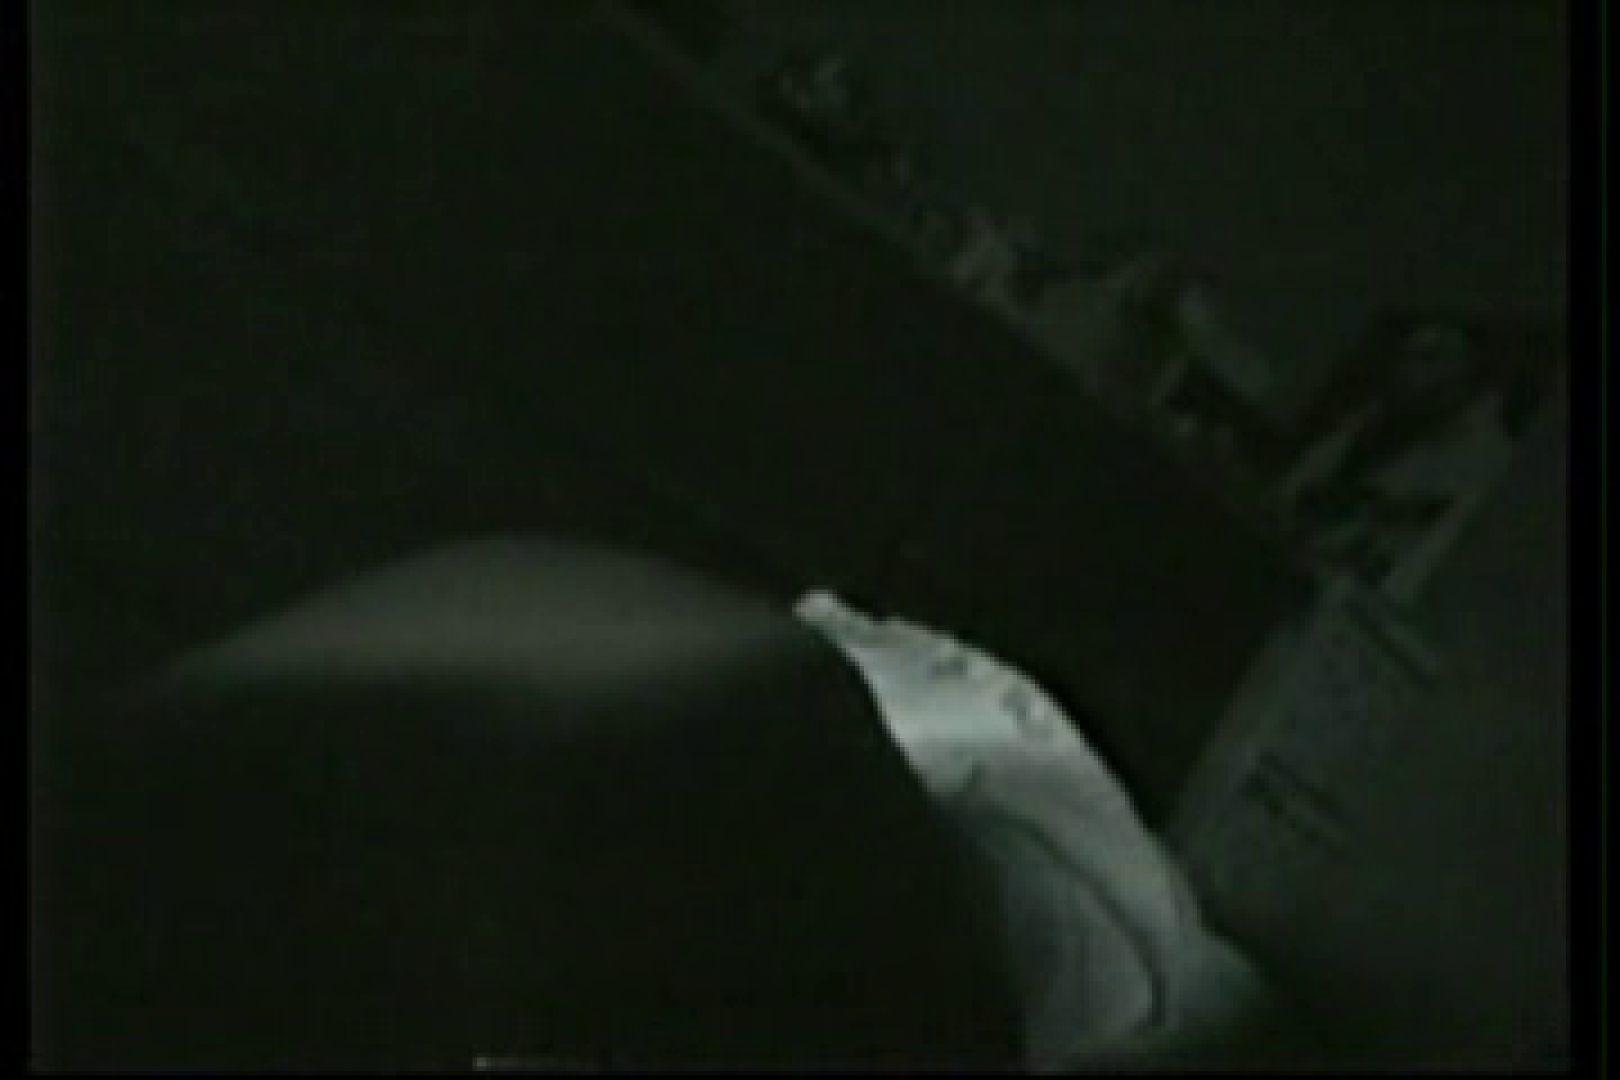 【実録個人撮影】男の子達の禁断の愛欲性活!!vol.02(対女性アナル責め) 流出特集 ゲイセックス画像 105枚 62